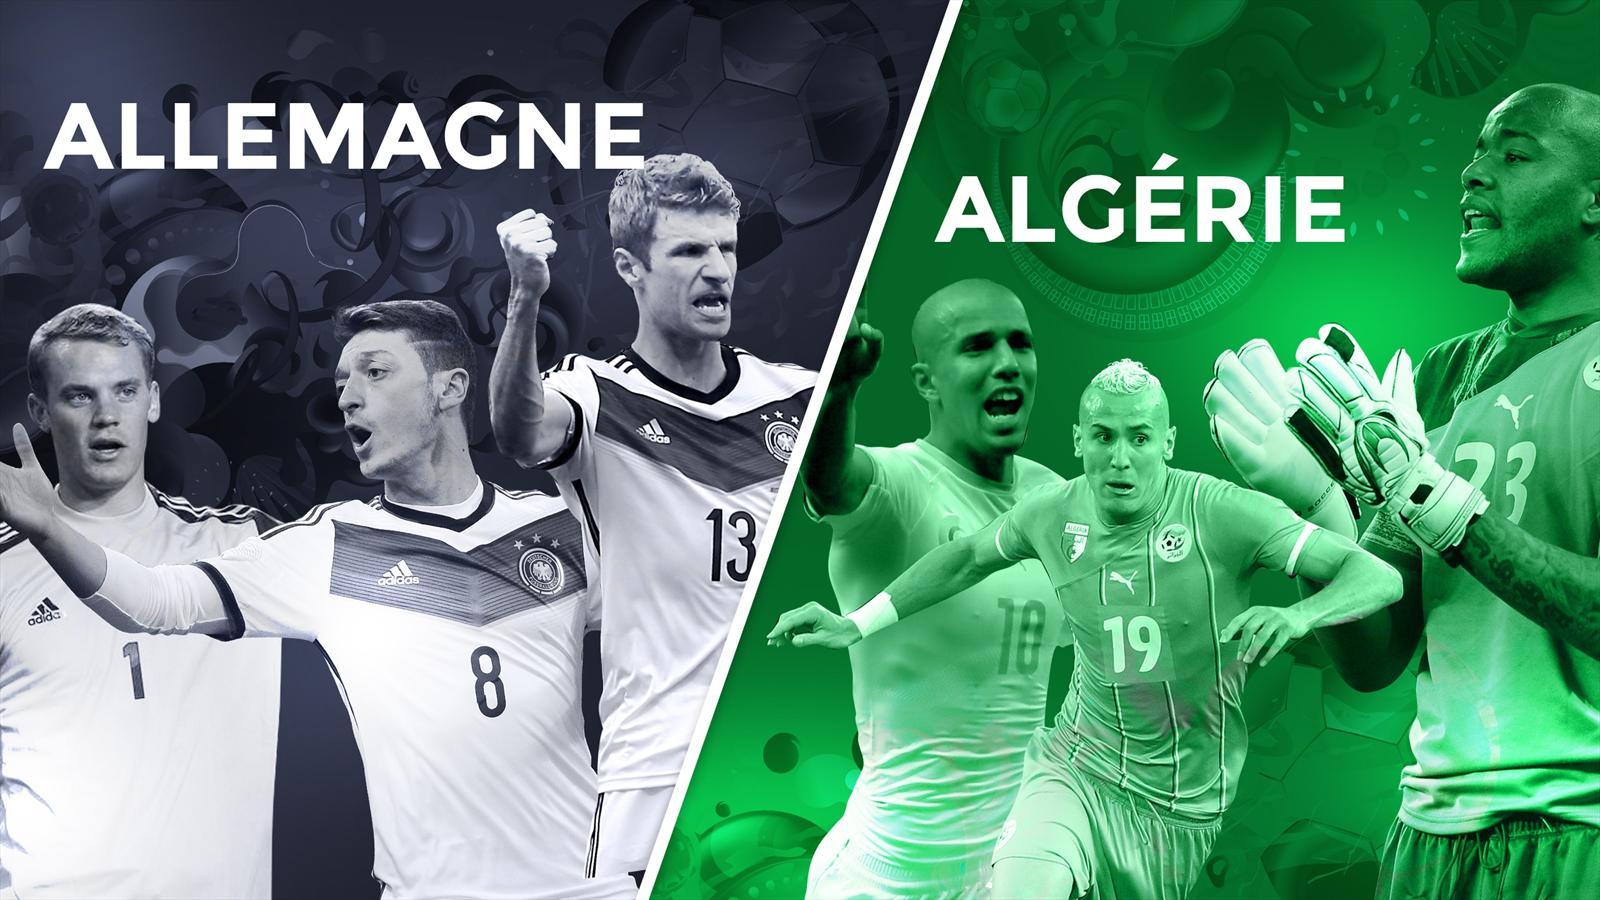 Allemagne alg rie le match que la mannschaft n a pas - Algerie allemagne coupe du monde 2014 ...